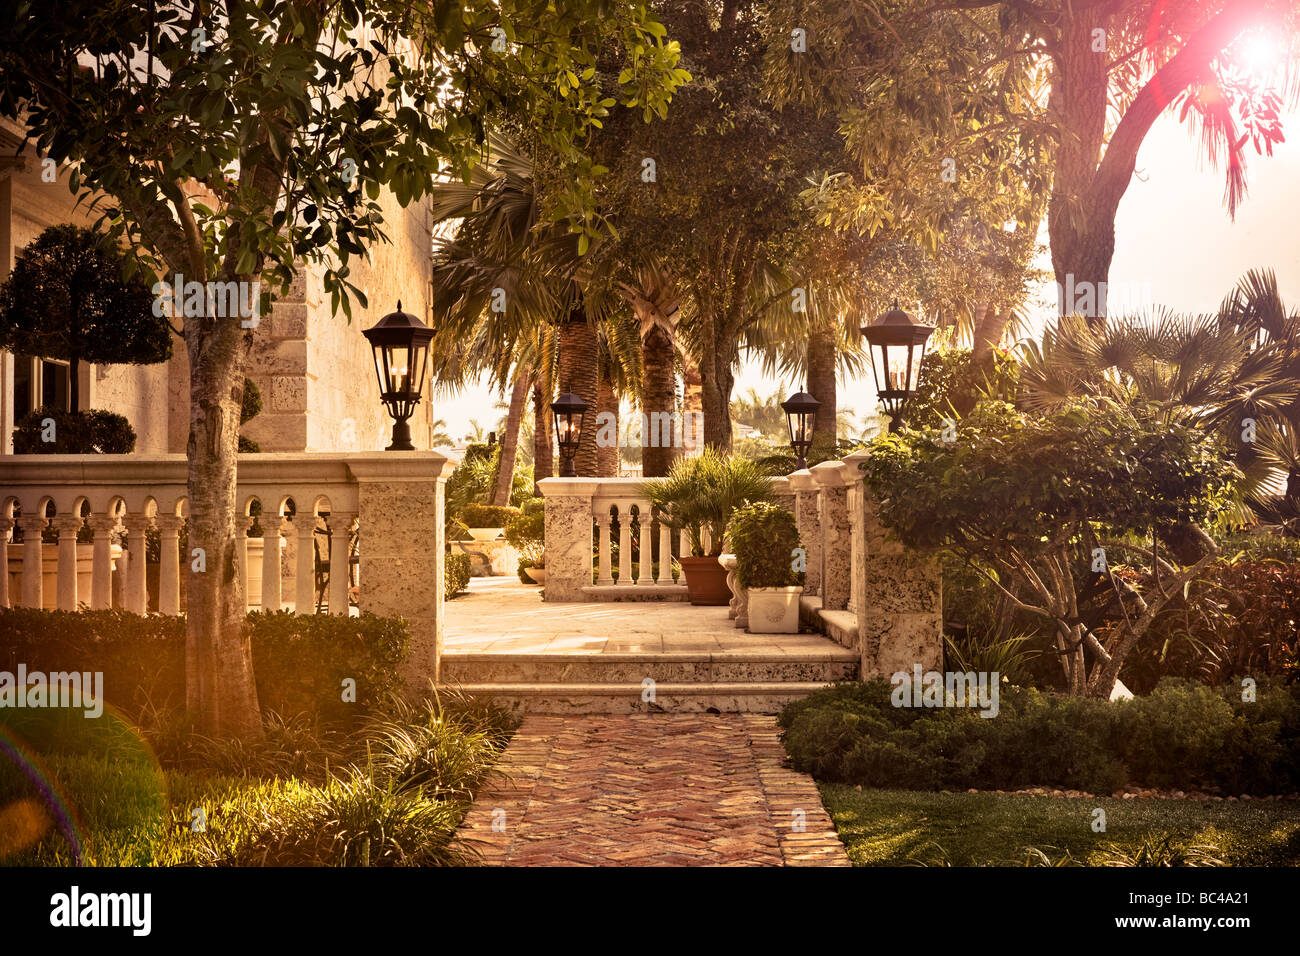 Una terraza de piedra caliza en una mansión en Boca Raton, Florida Imagen De Stock